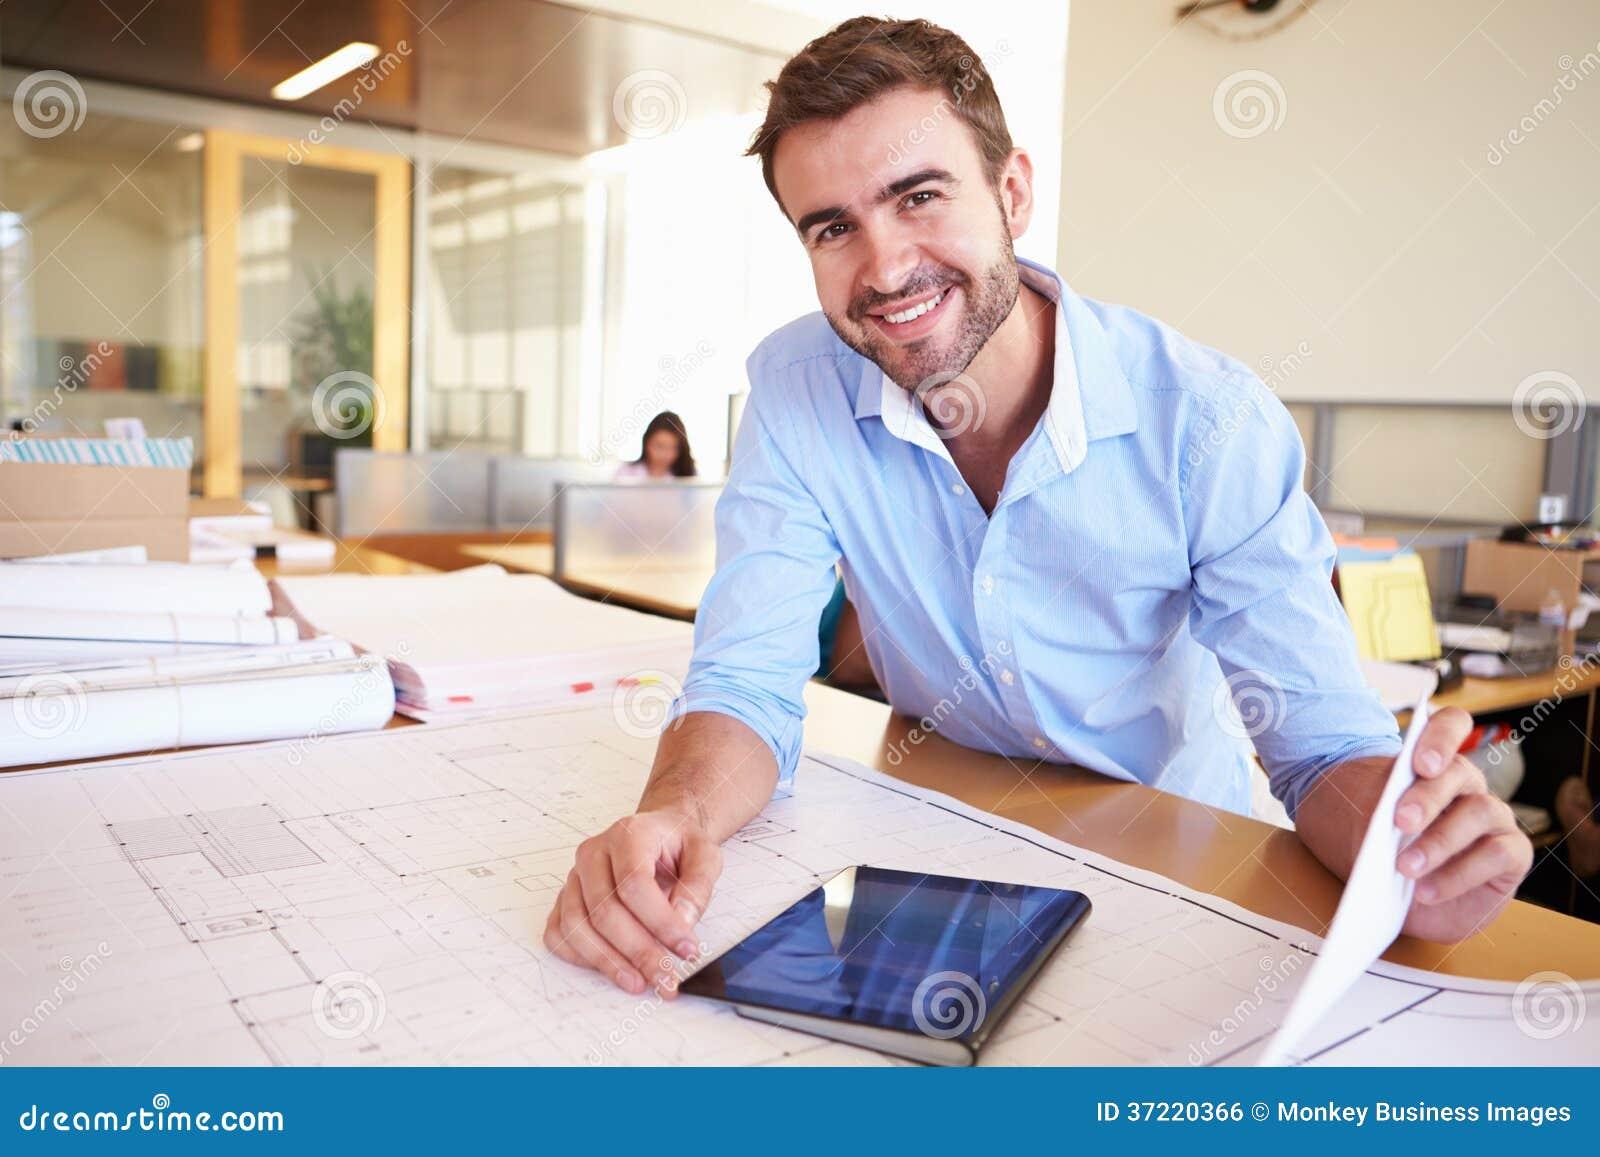 Architetto maschio with digital tablet che studia i piani for Ufficio architetto design